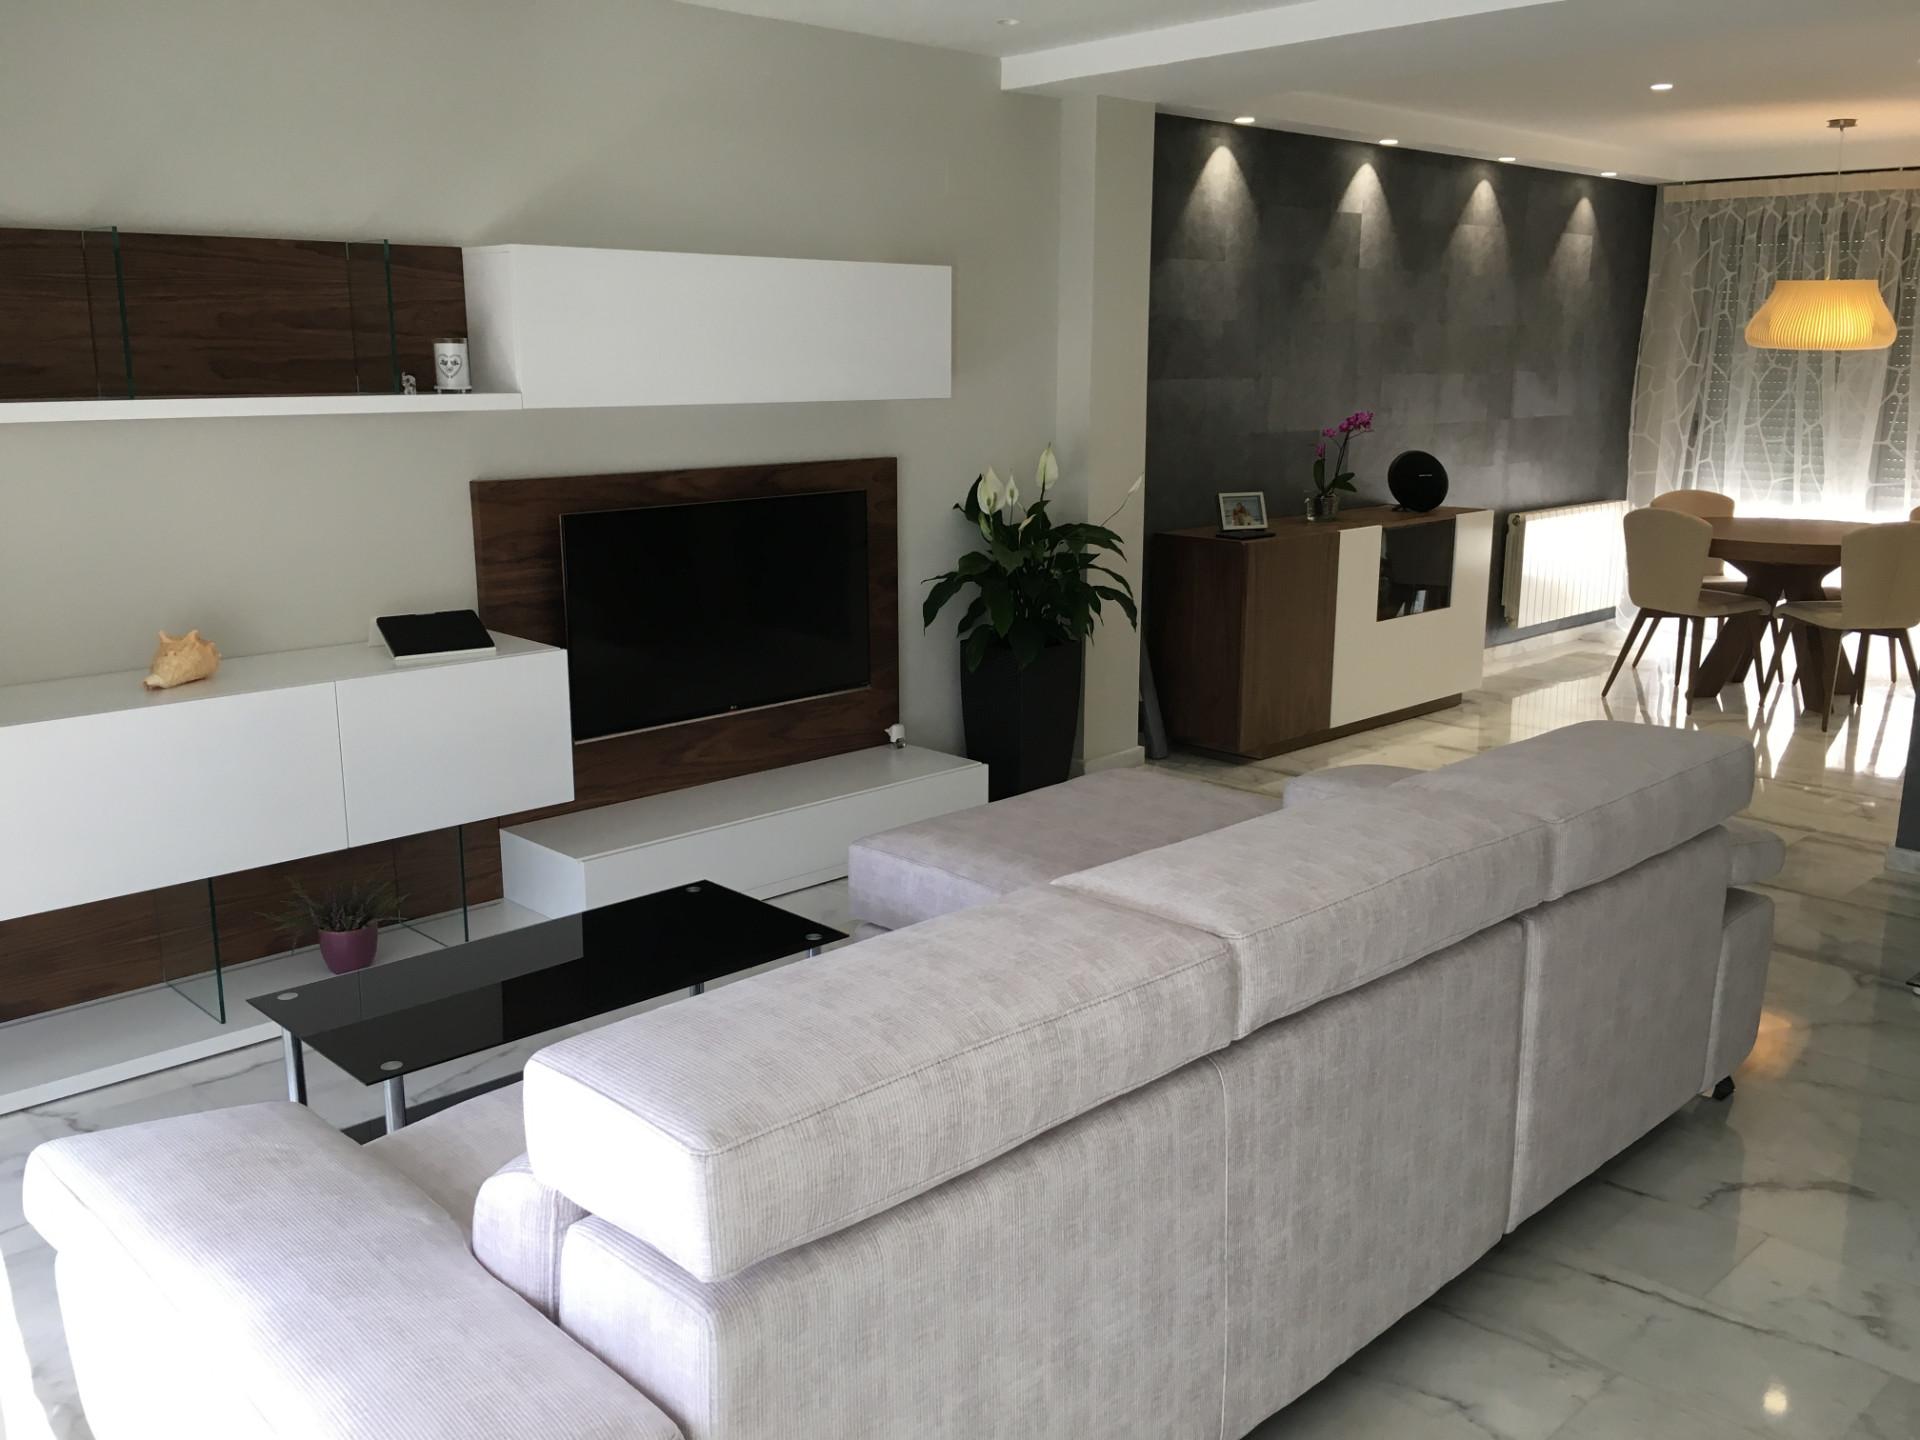 proyectos-interiorismo-viviendas-casas-particulares-chalets-valencia-1